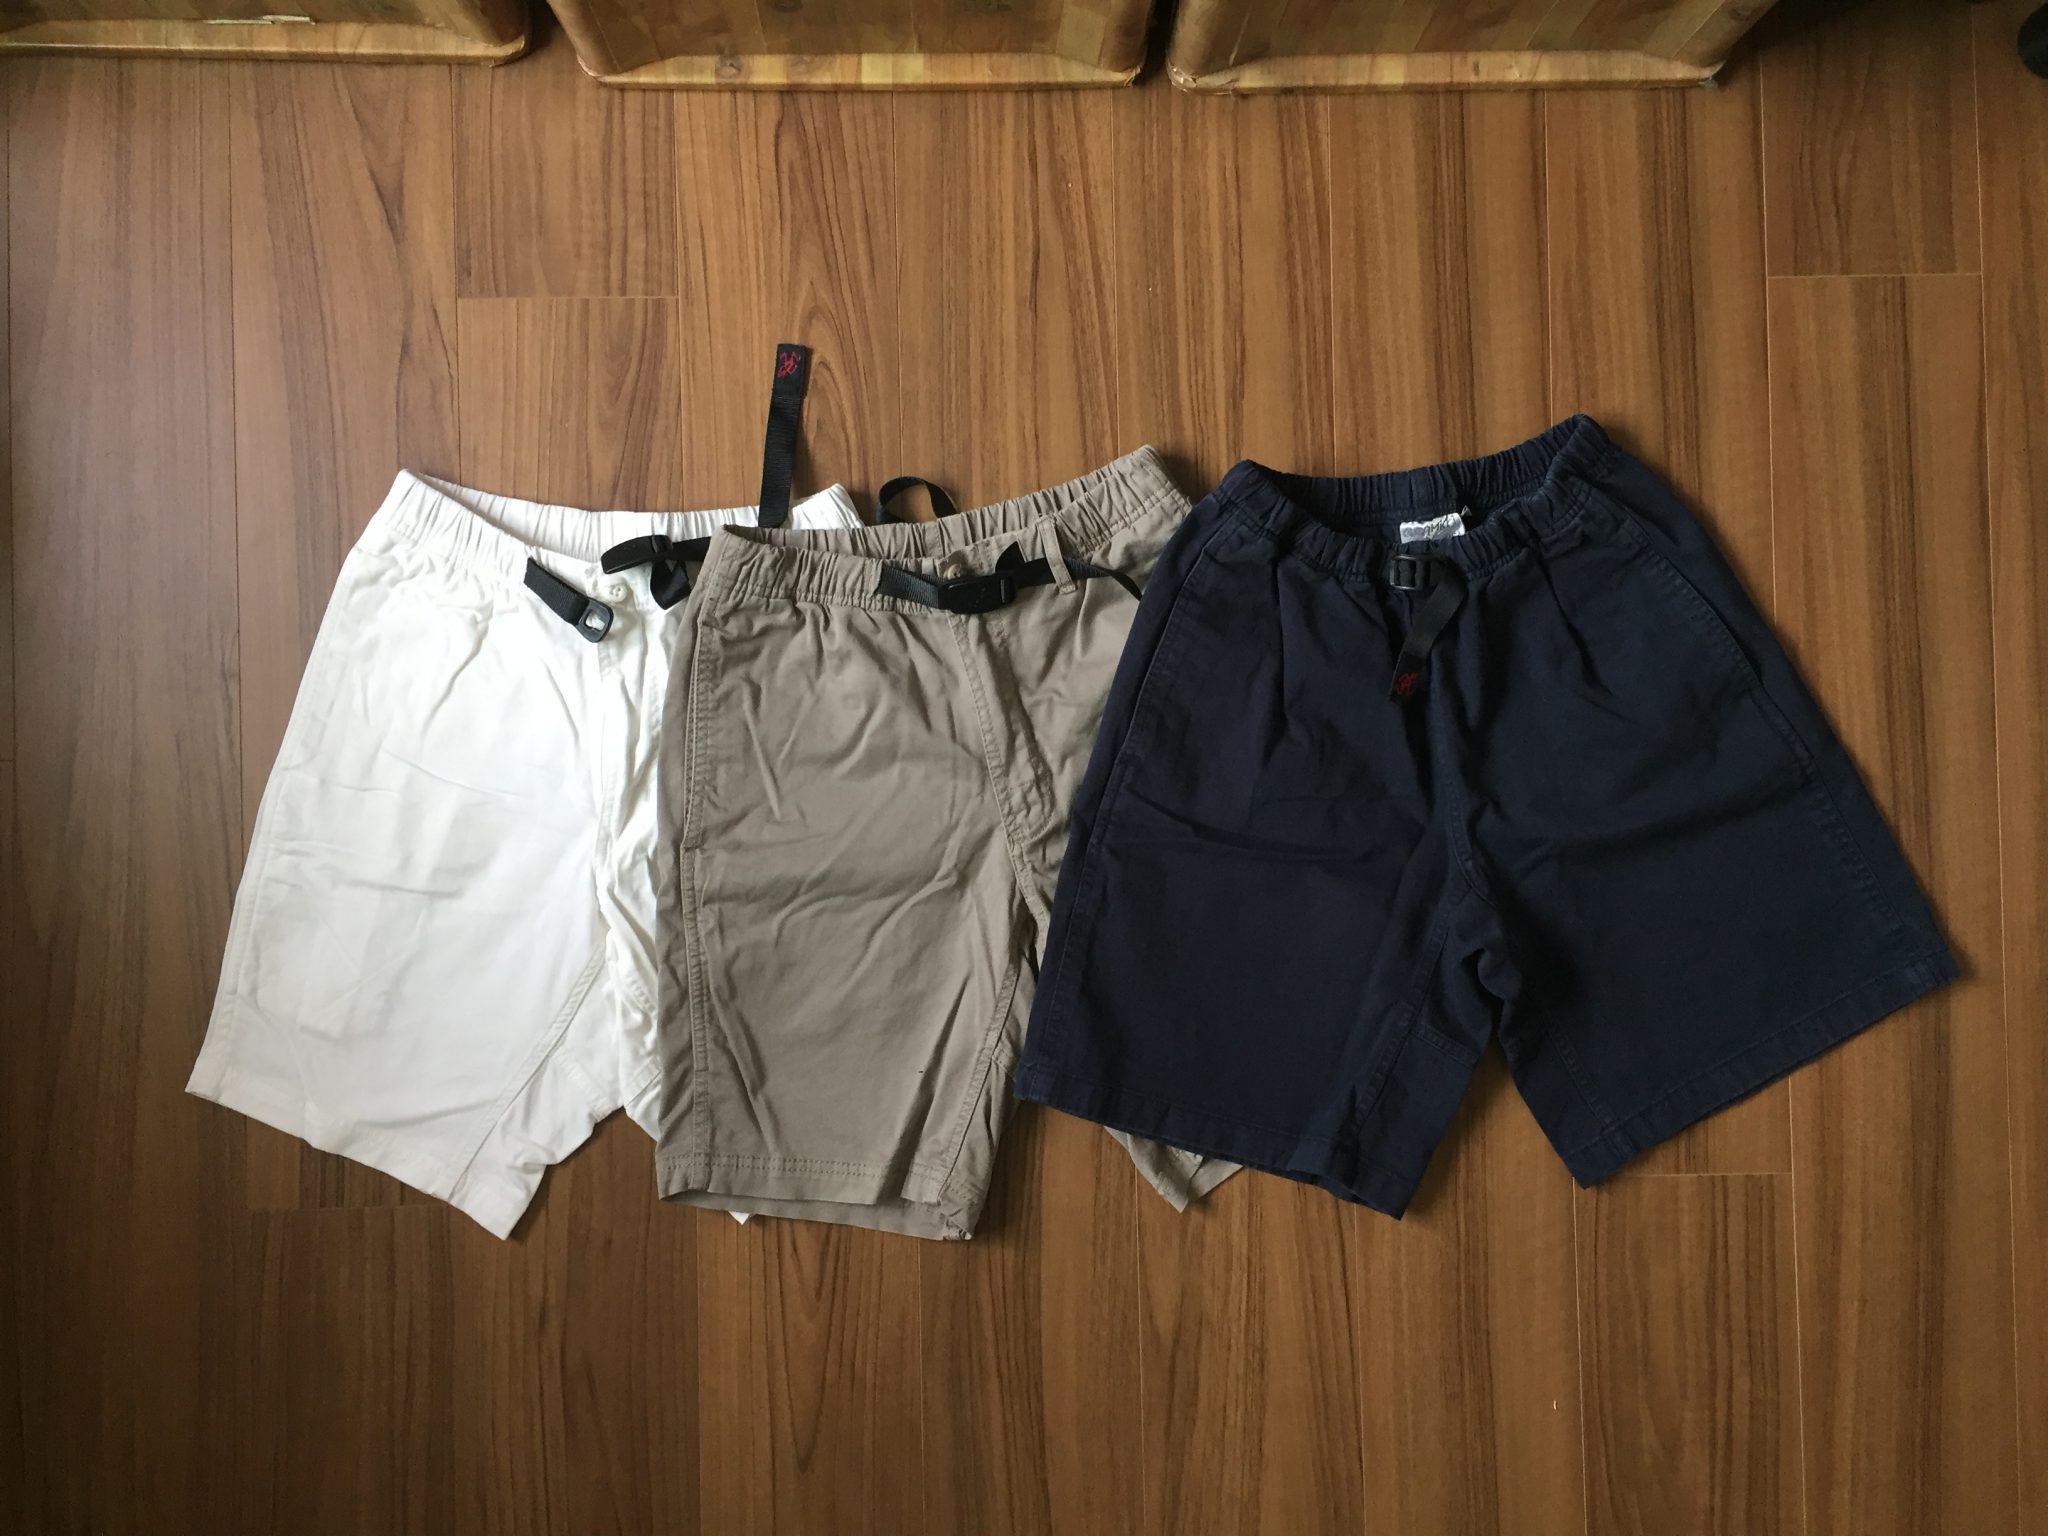 今年の短パンはグラミチ Gショーツ(Gramicci G-Shorts)~サイズ感と何よりコットン100%の天然繊維に拘って、通算3枚目でNNショーツから卒業しました